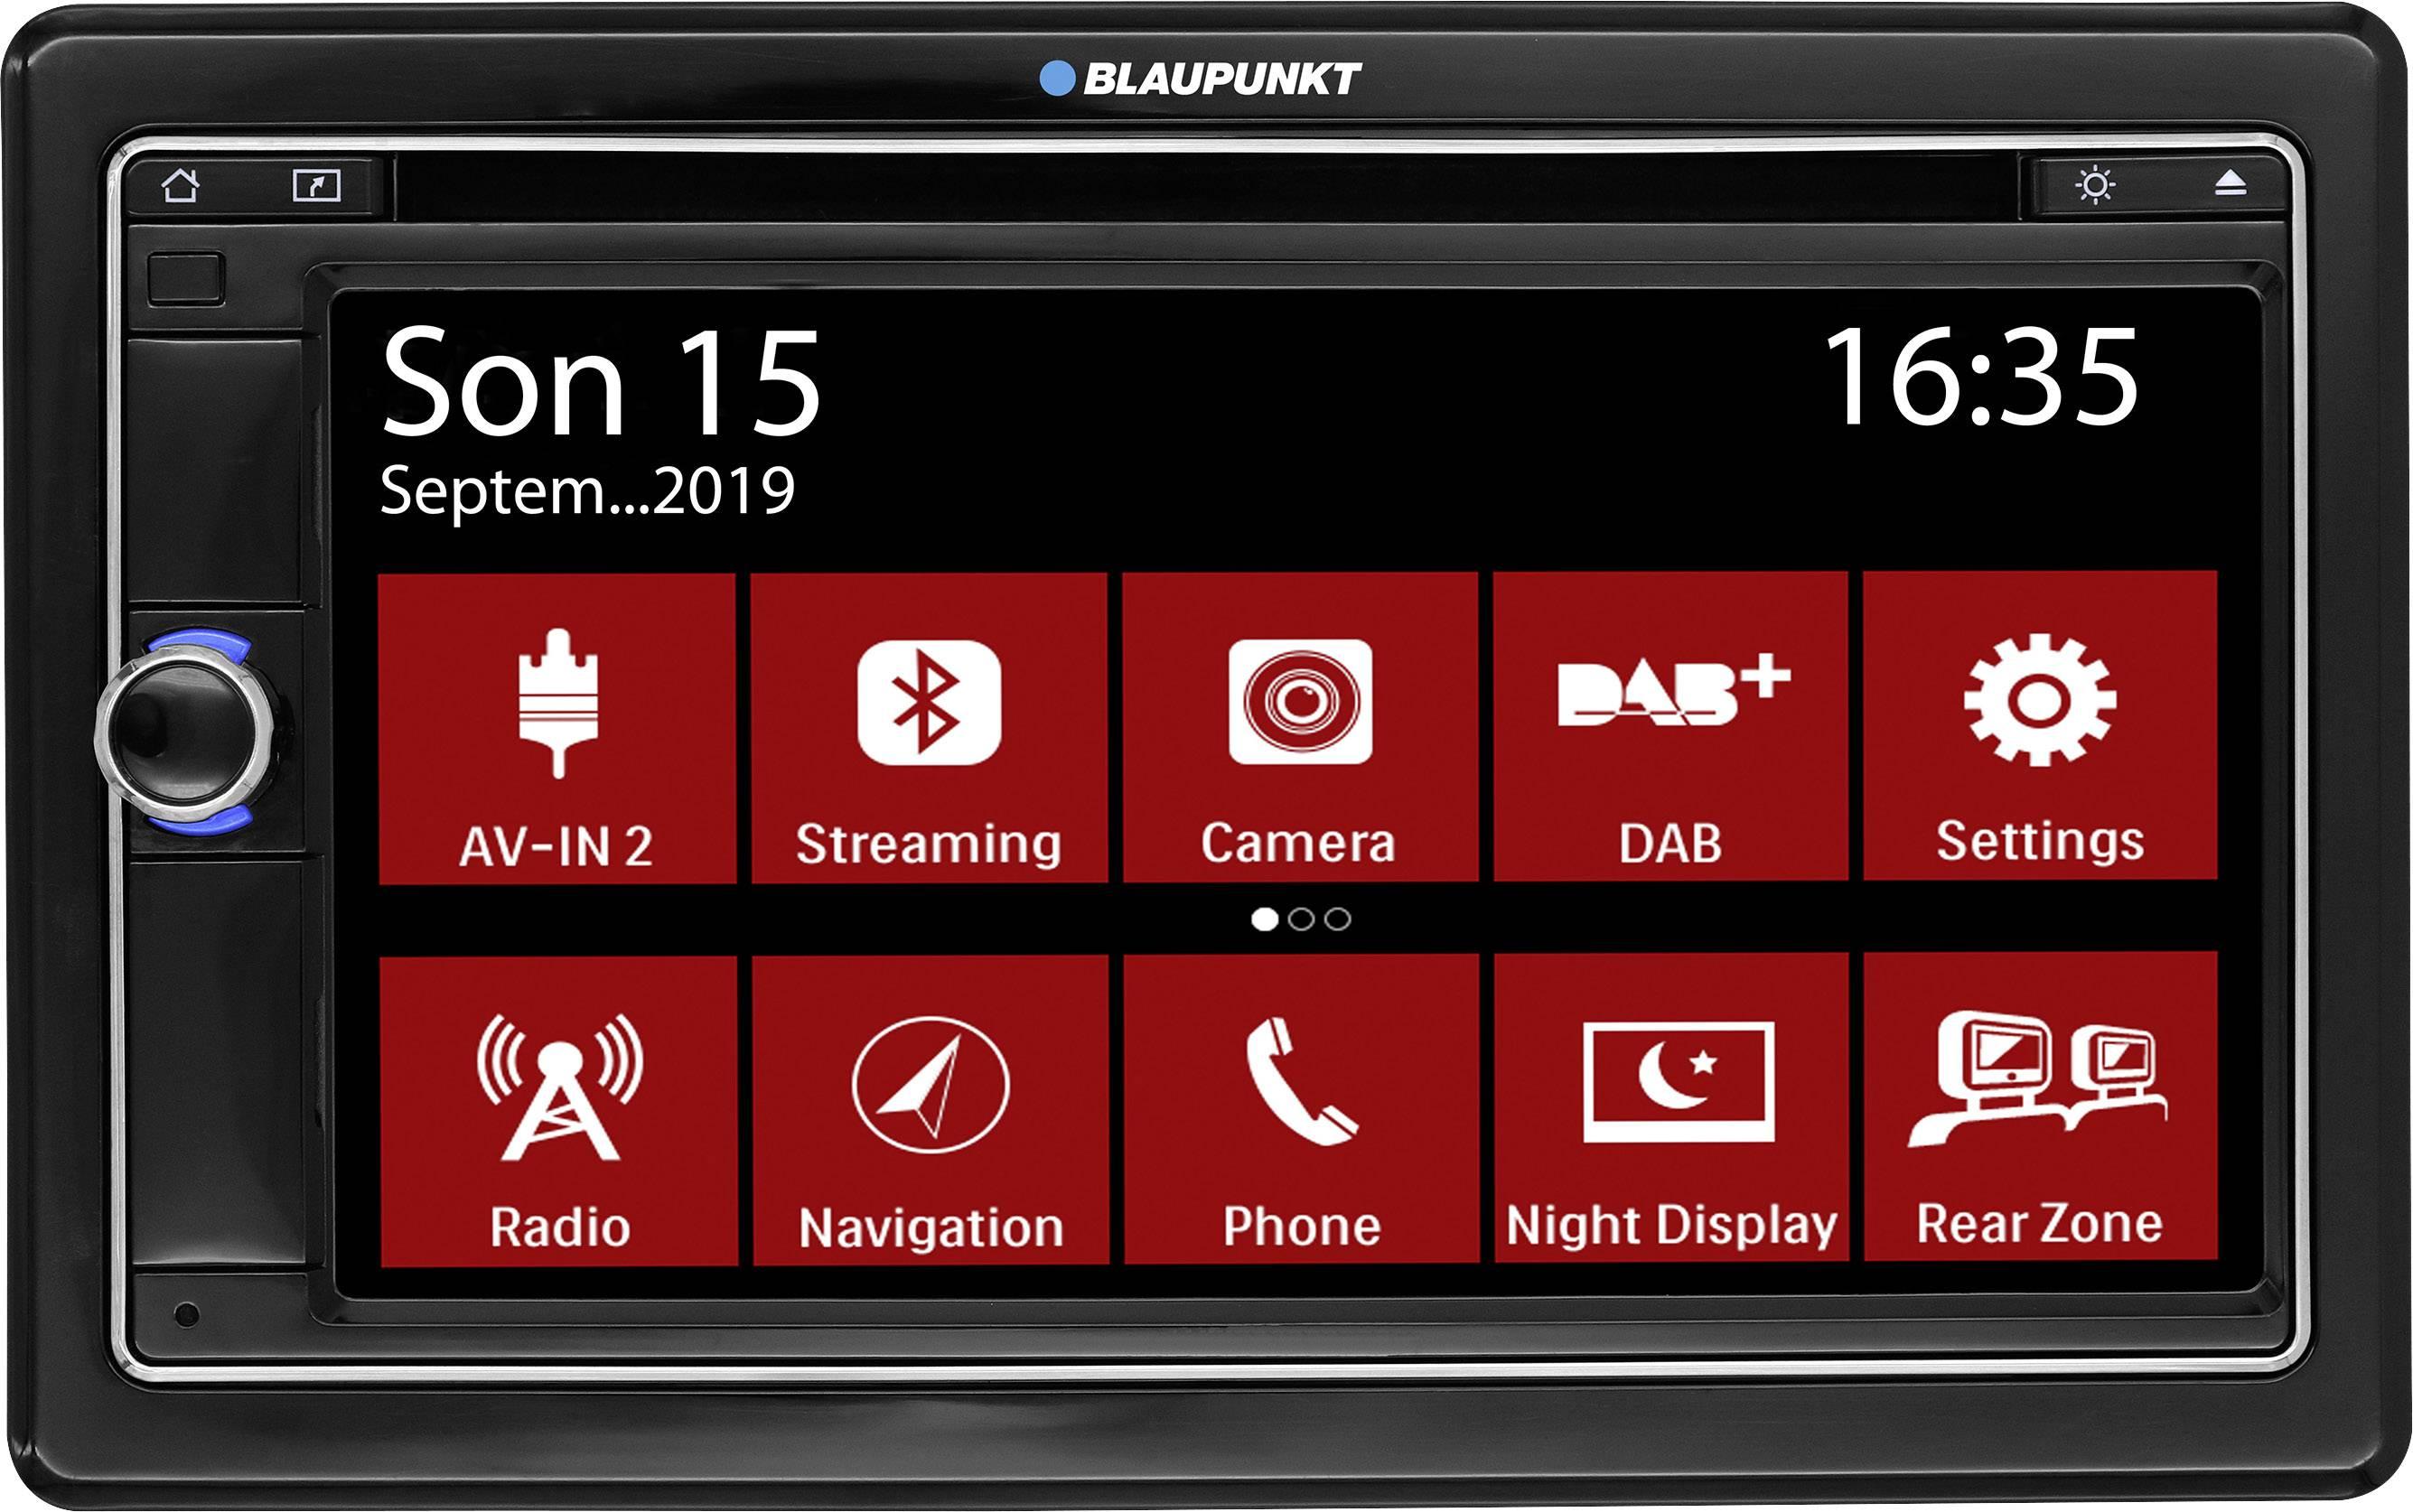 Conrad-Blaupunkt Las Vegas 690 DAB Autoradio met scherm dubbel DIN Bluetooth handsfree, Aansluiting voor achteruitrijcamera, Aansluiting voor stuurbediening, DAB+ tuner-aanbieding